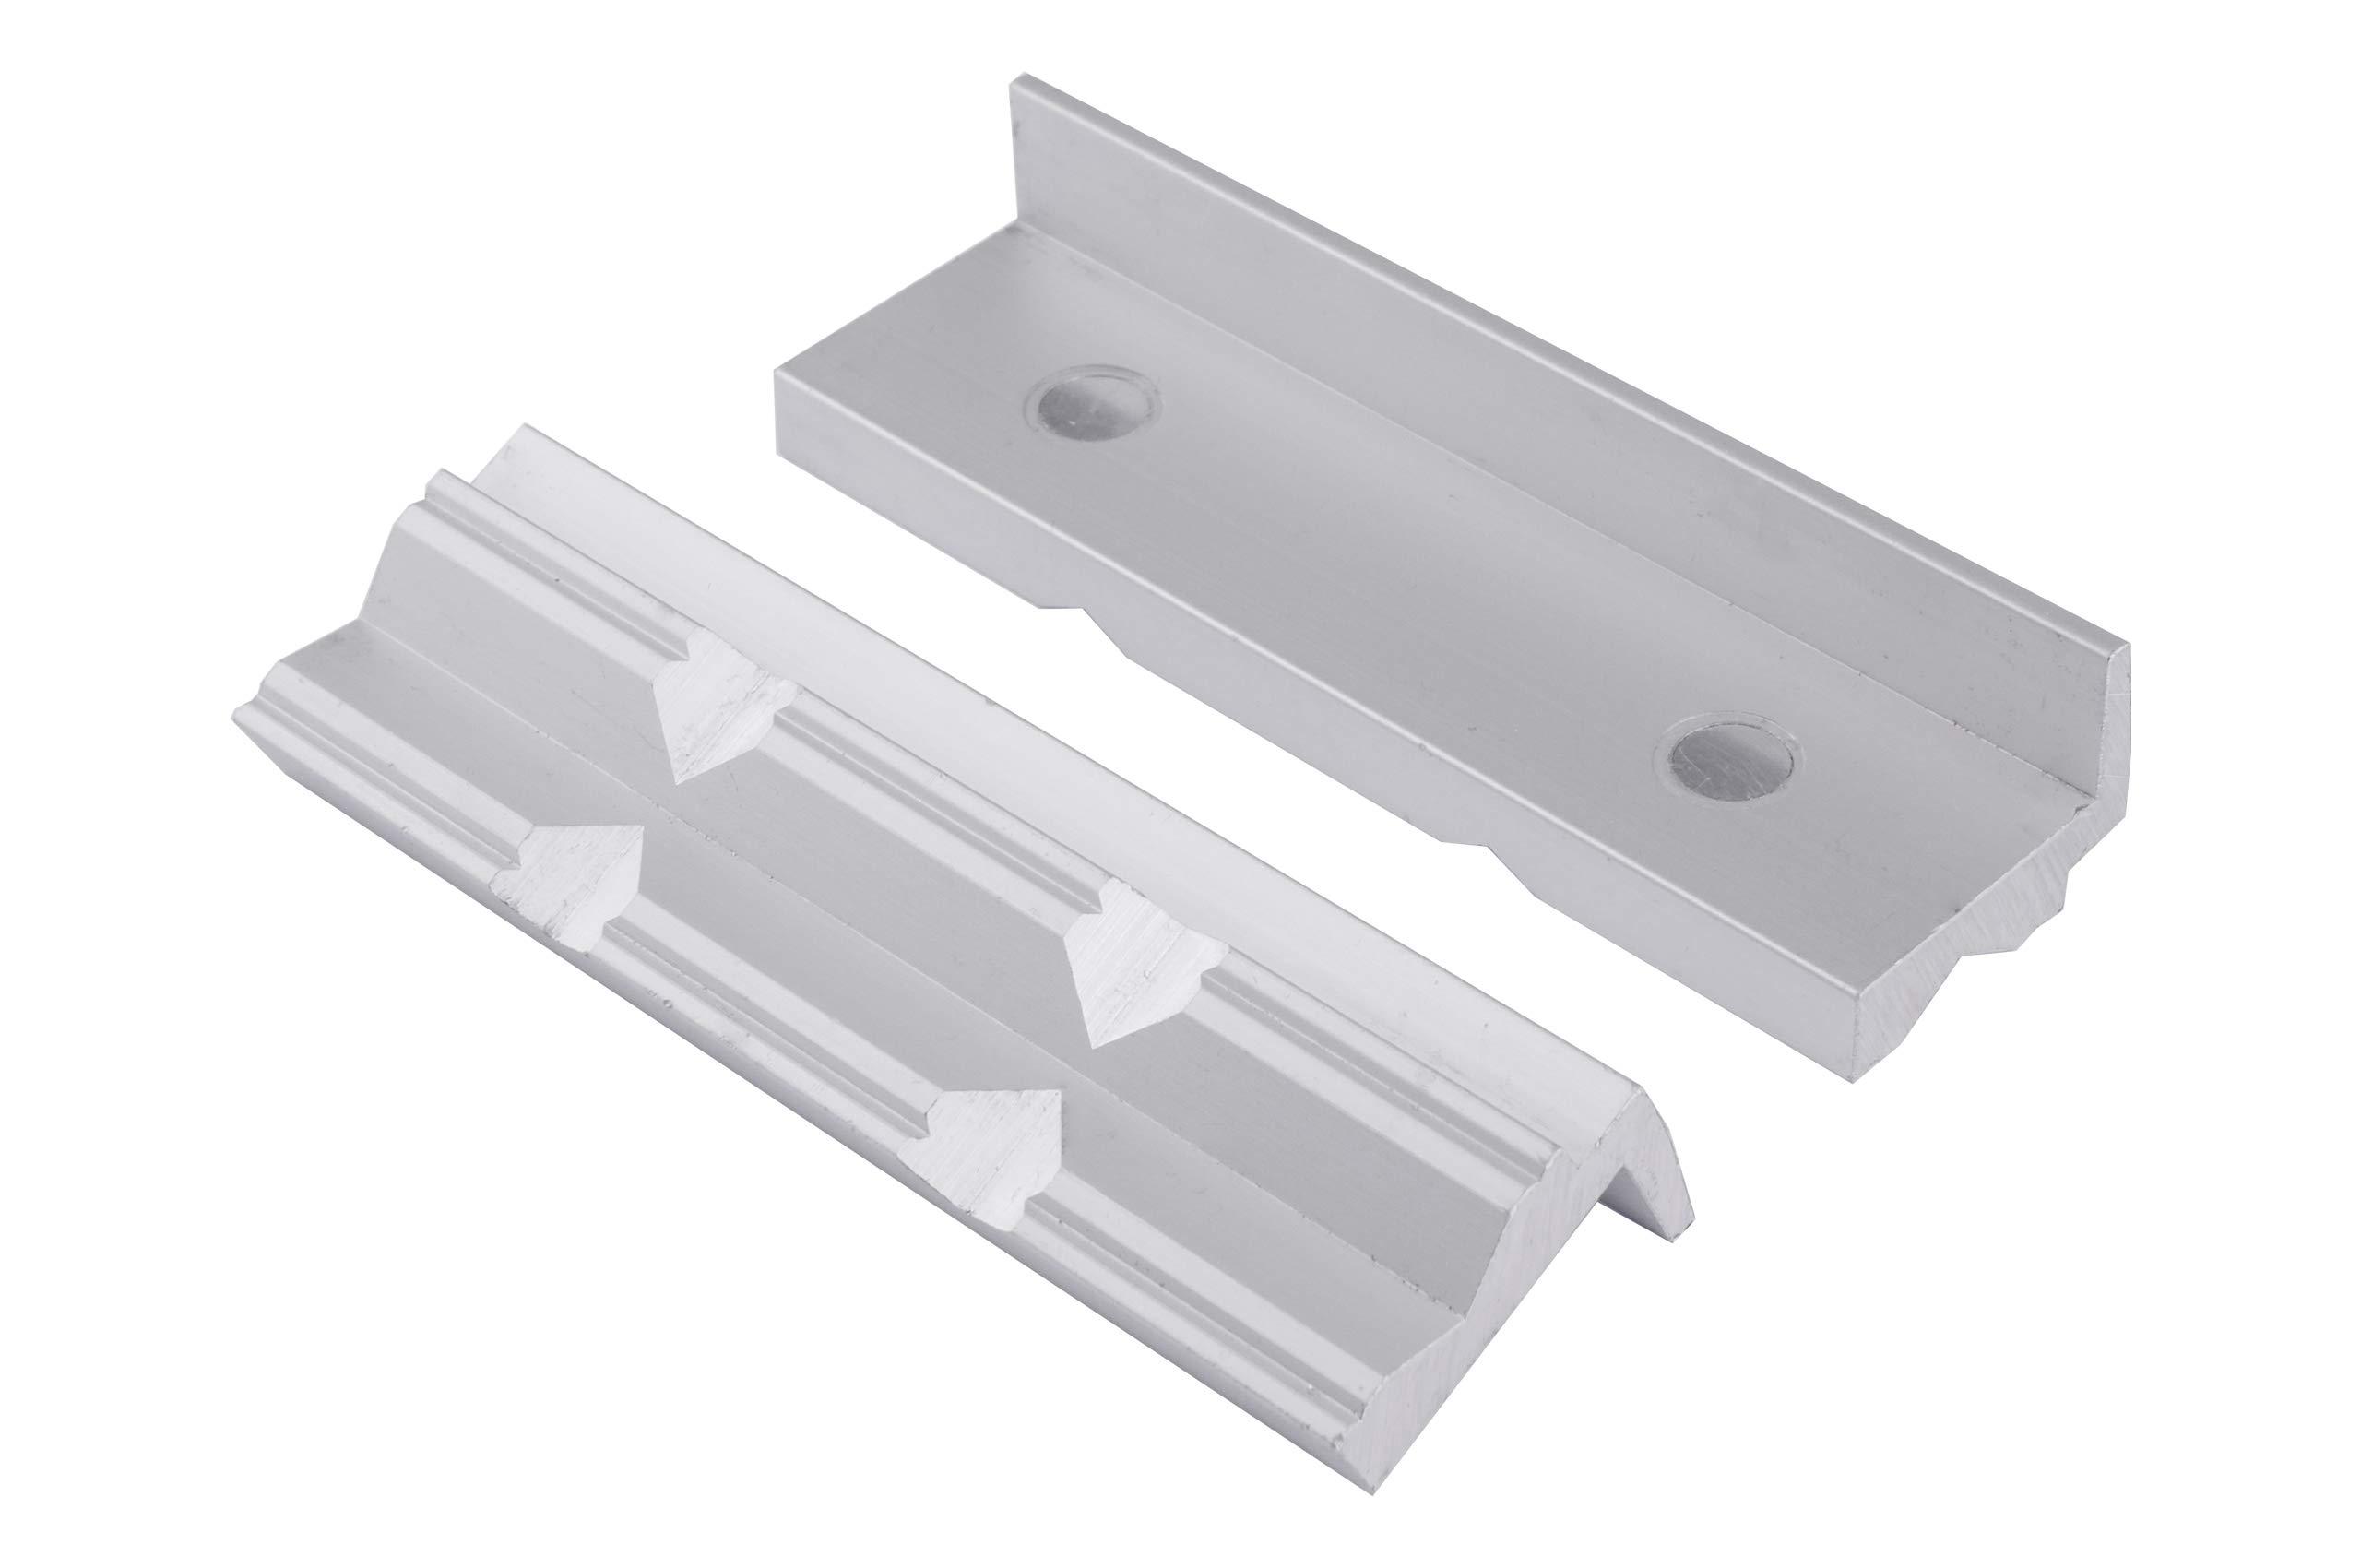 Schutzbacken für Schraubstock 150mm Alu//Pri... GSR Schonbacken für Schraubstock